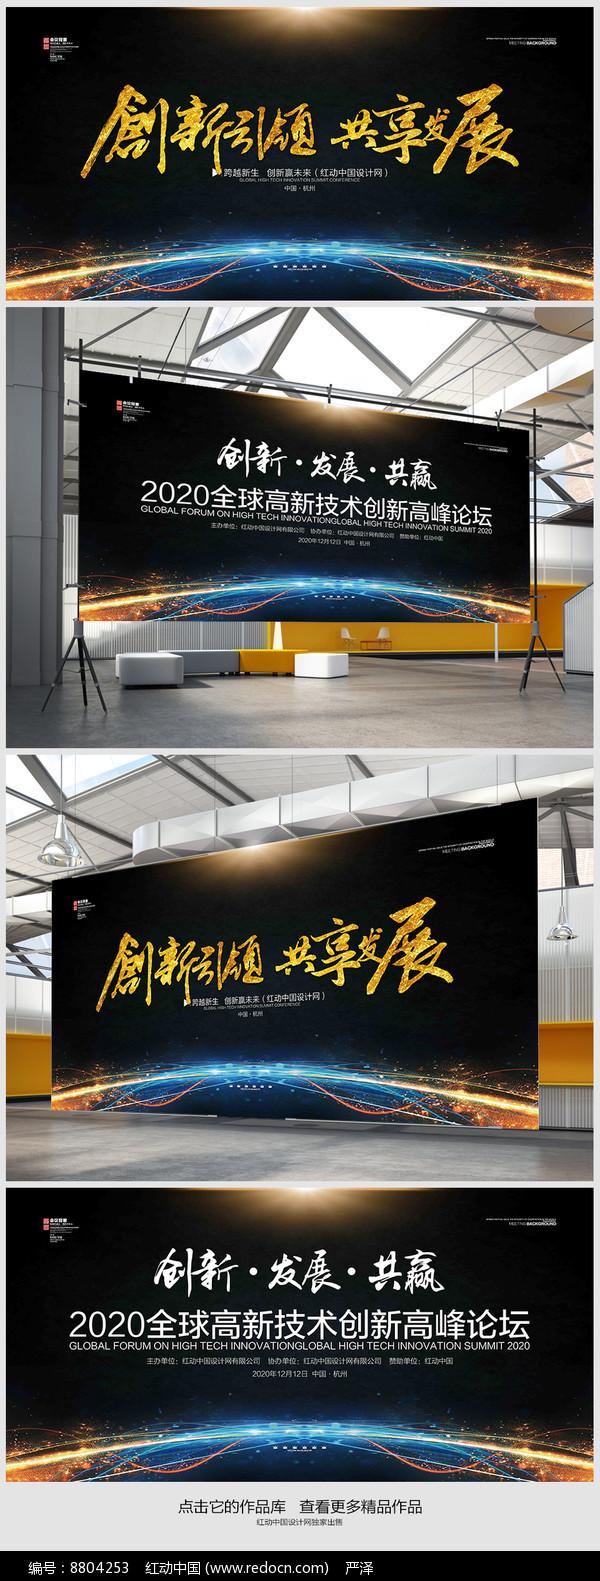 黑色科技会议背景展板设计图片